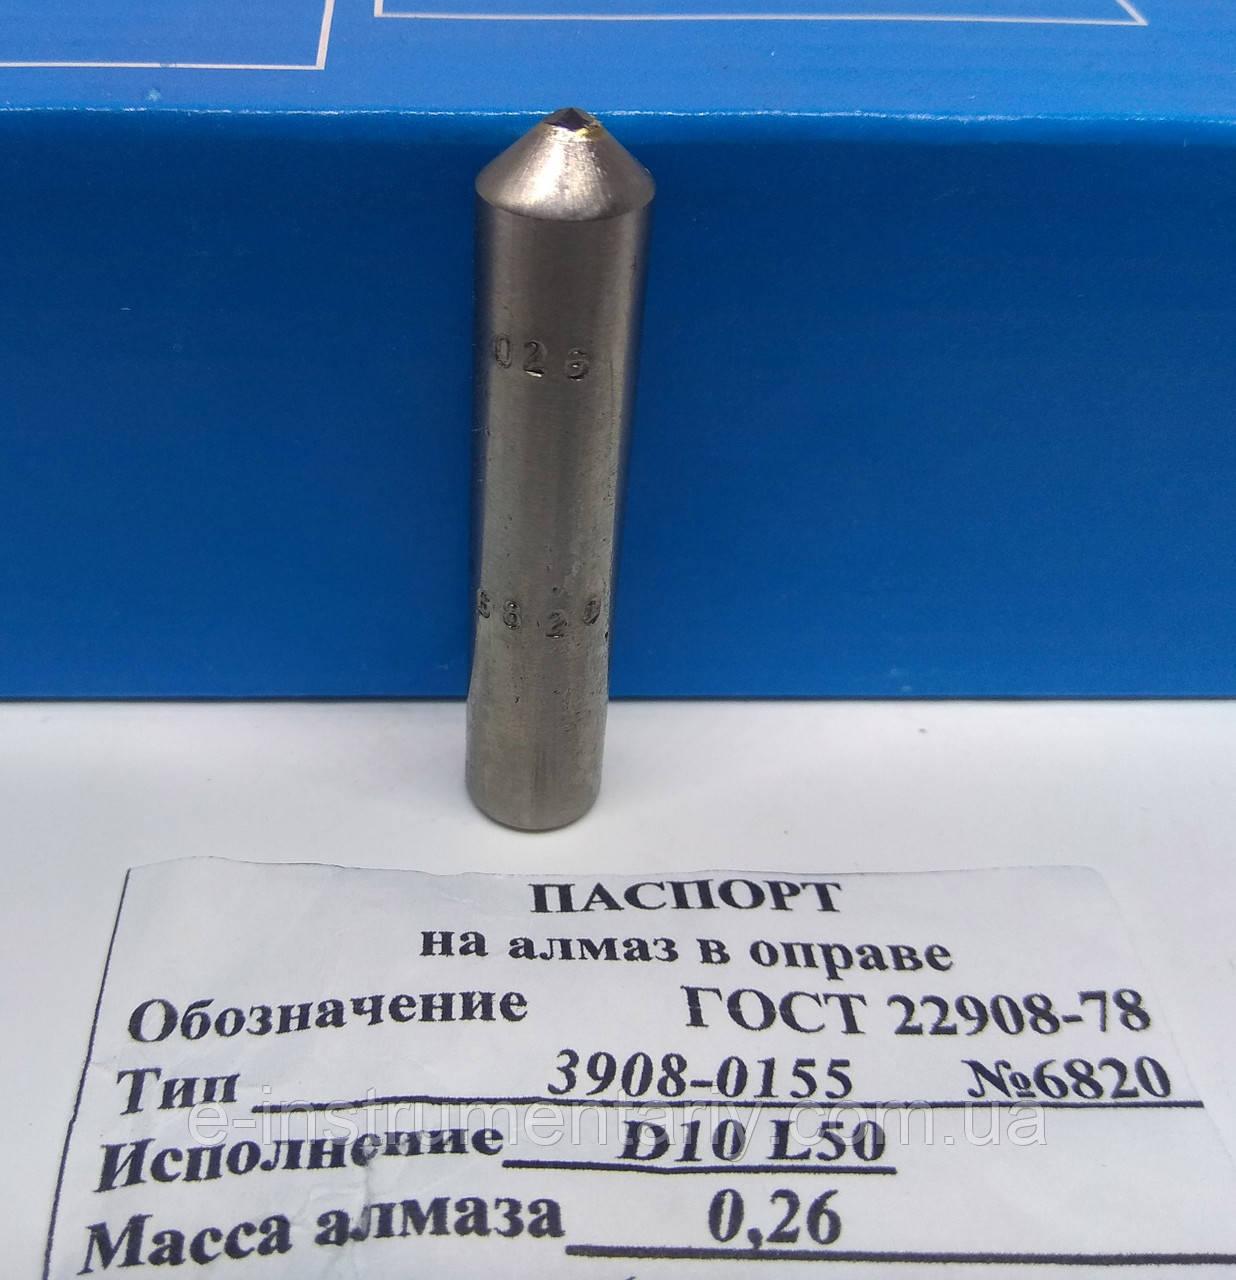 Діамант в оправі (3908-0155) Ø10мм L=50мм(0,21-0,3 карат)